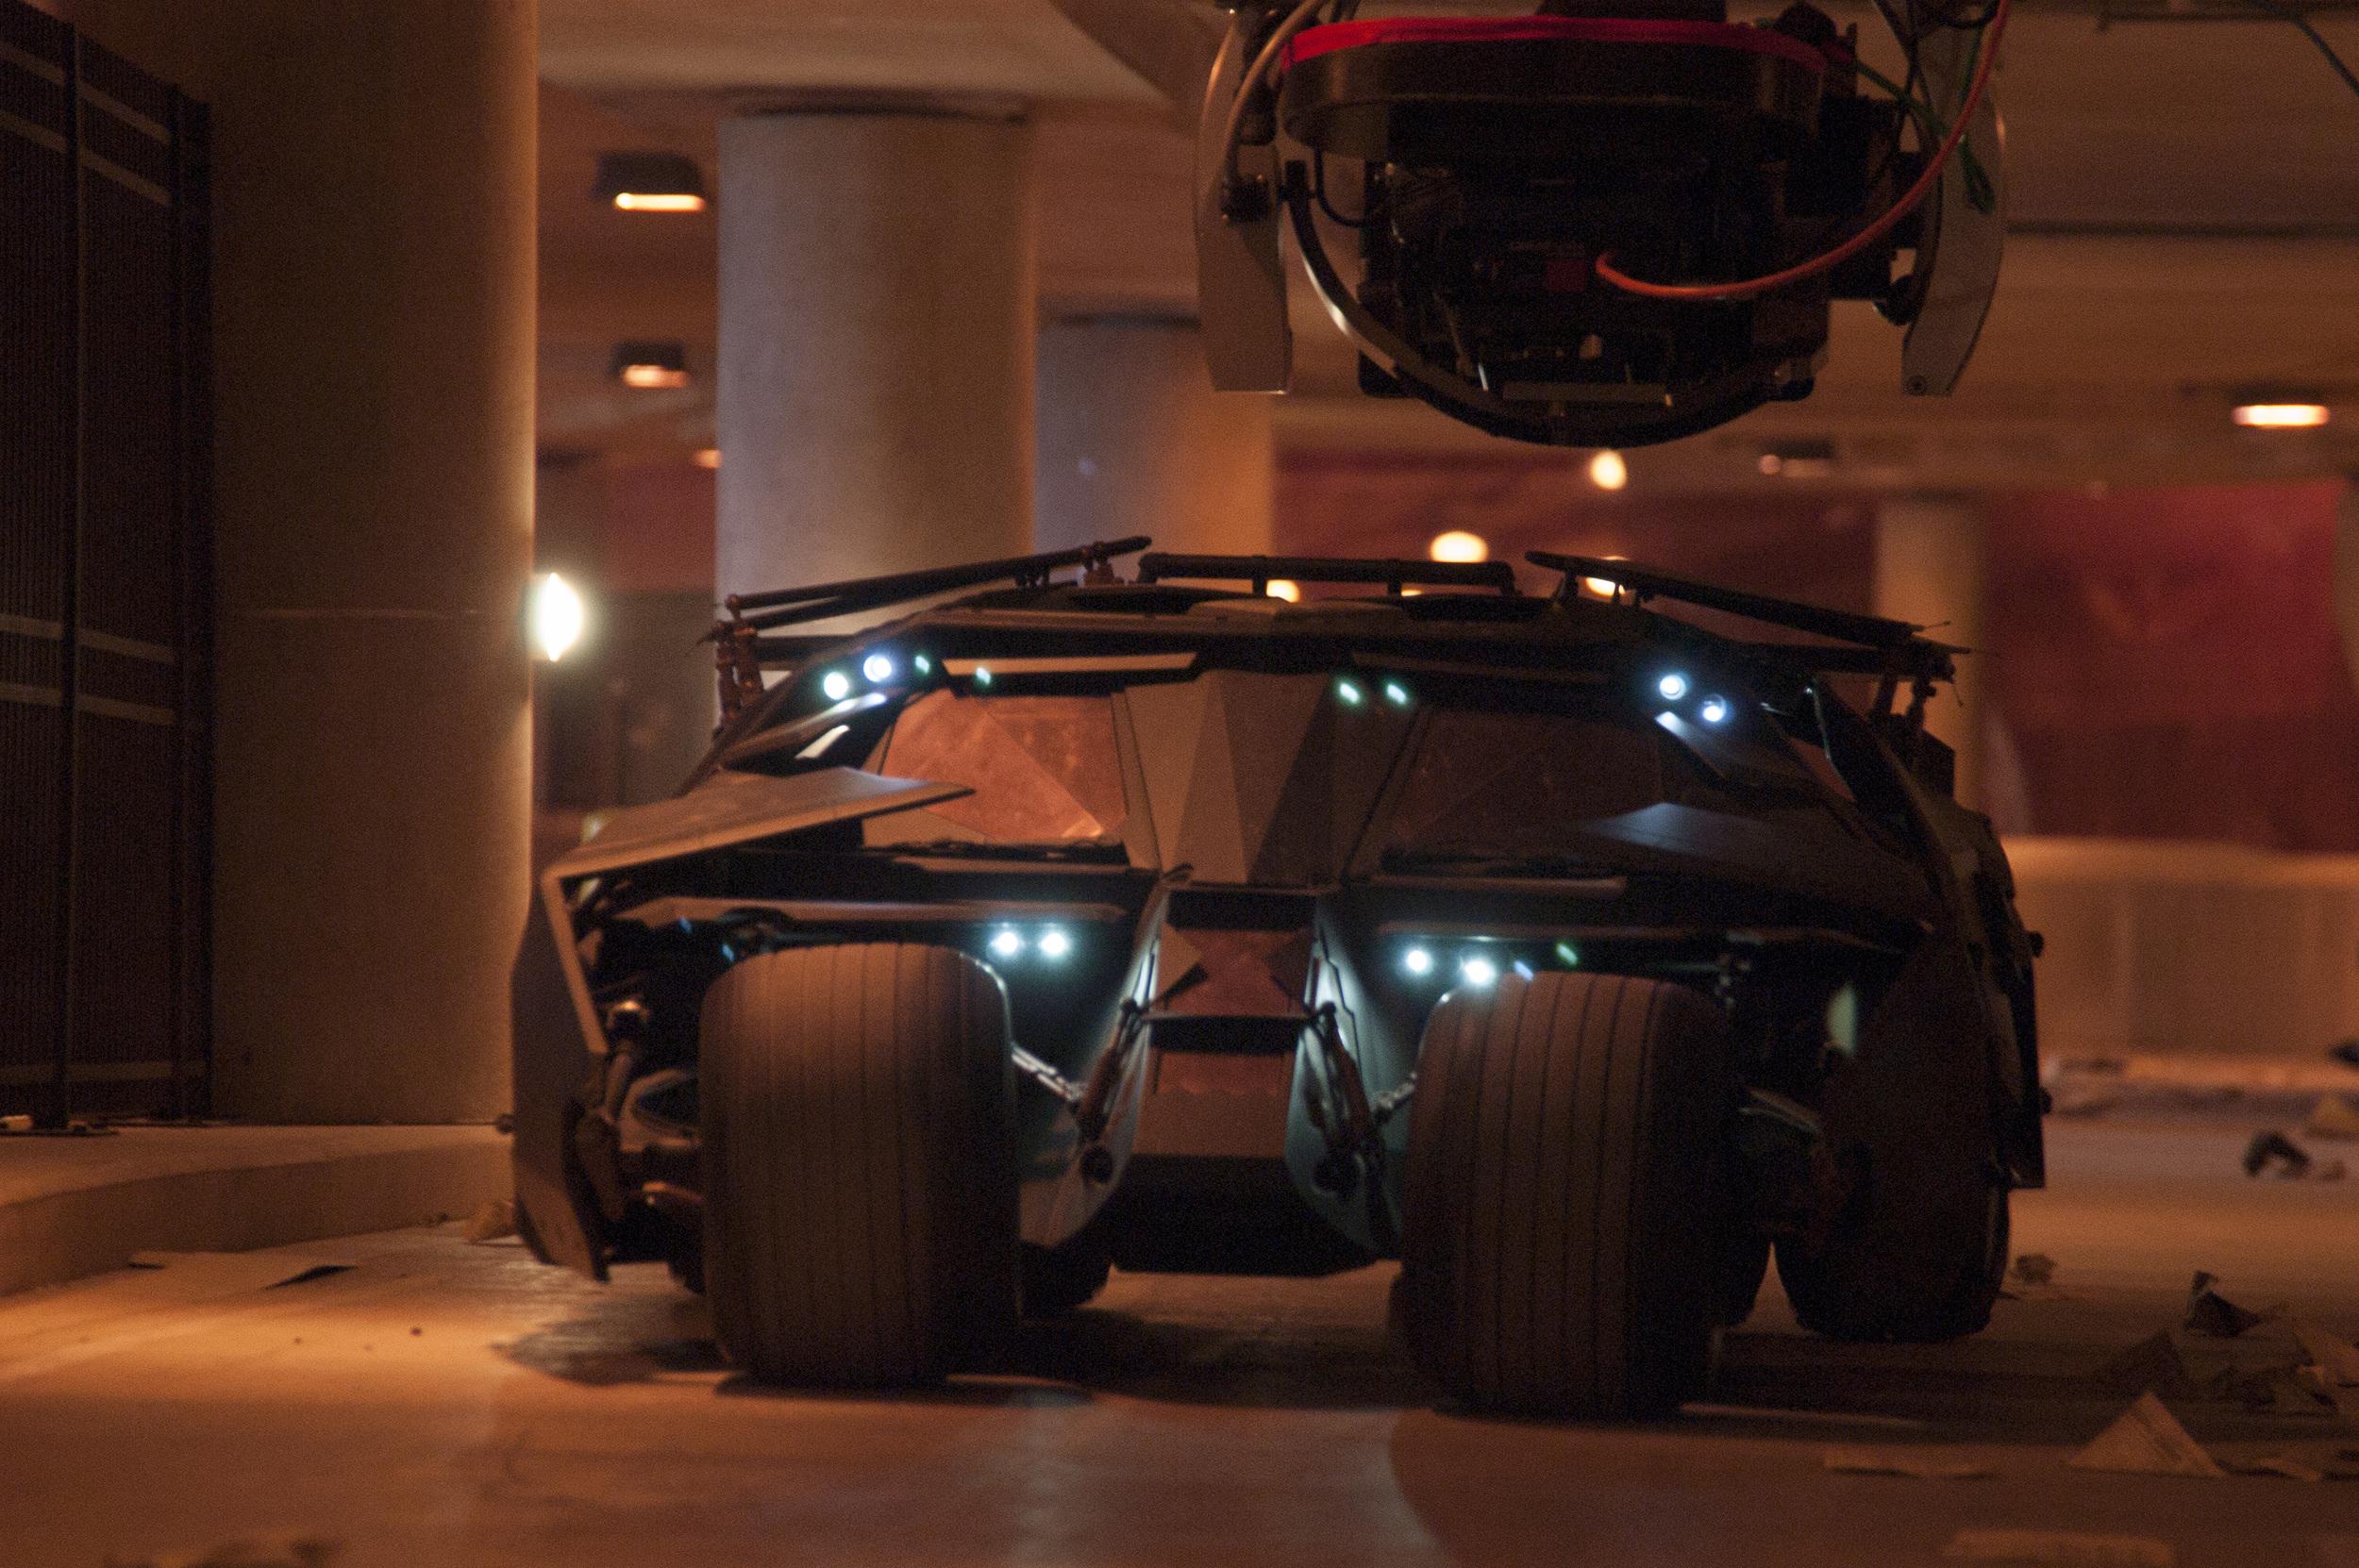 Dark Knight Image 28.jpg